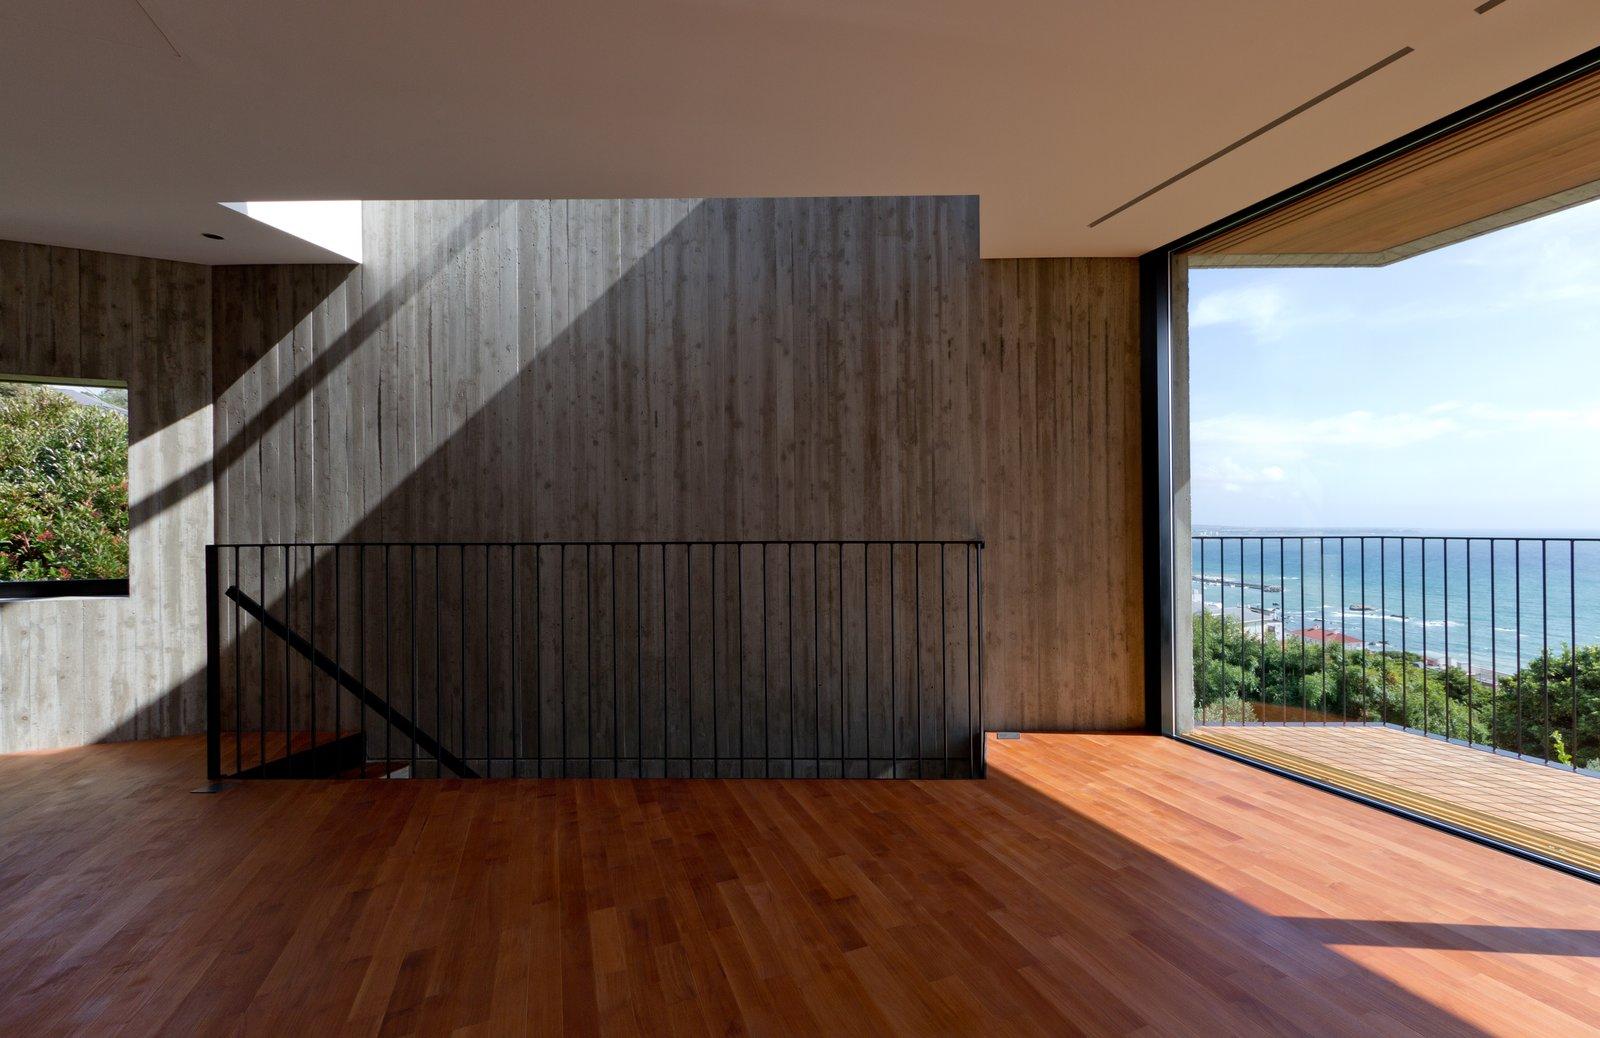 House in Akiya by Nobuo Araki / The Archetype